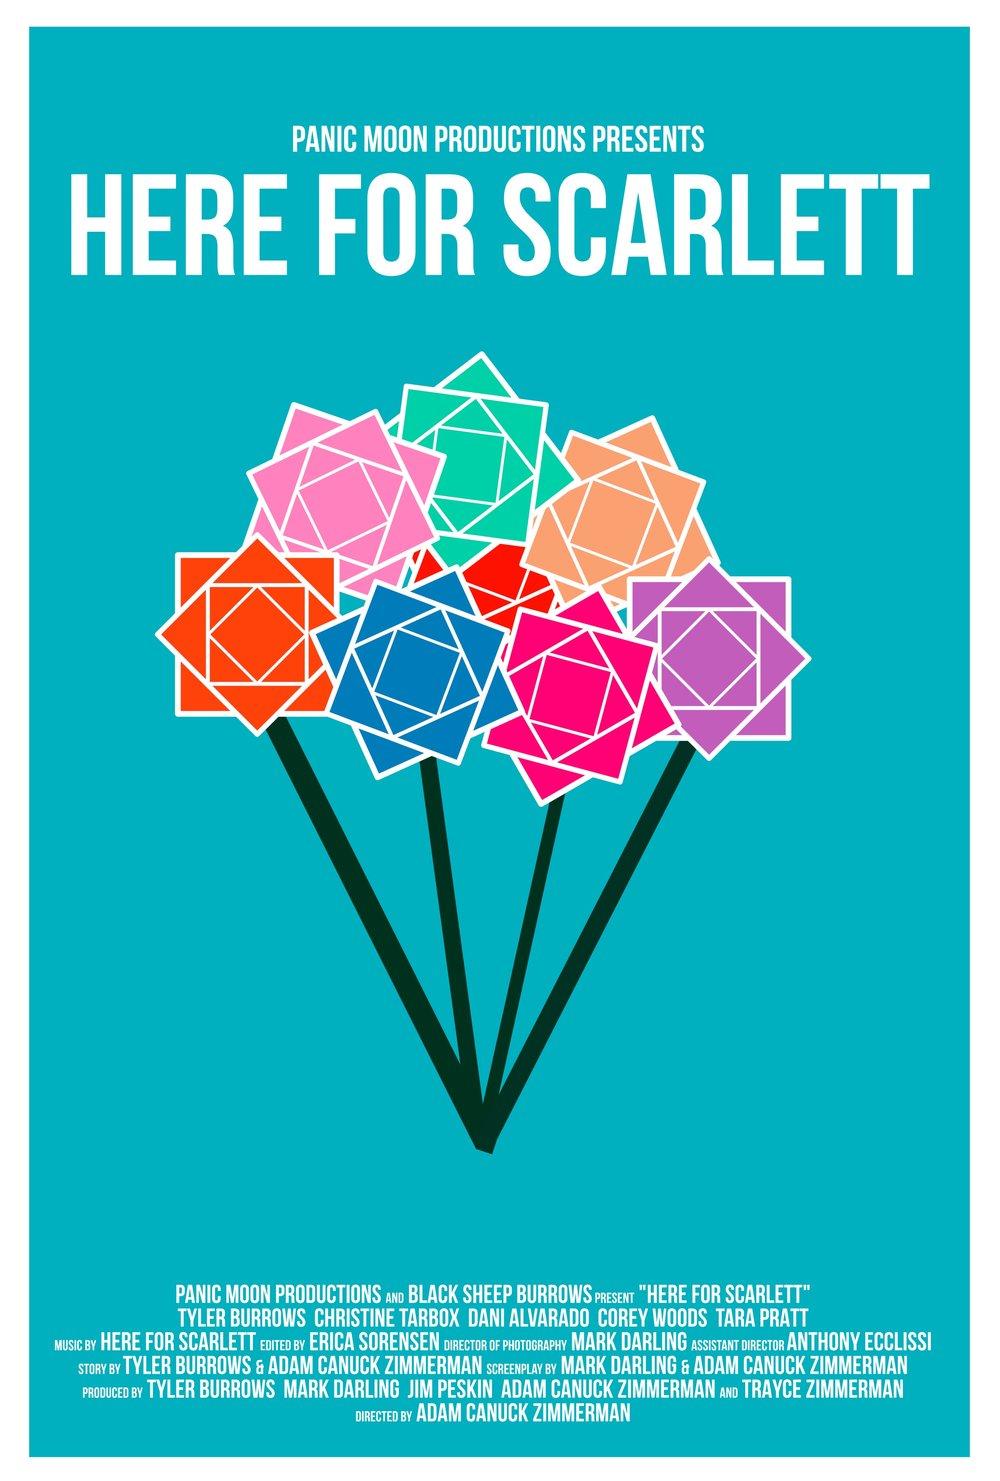 HFS Poster 2018-6.jpg